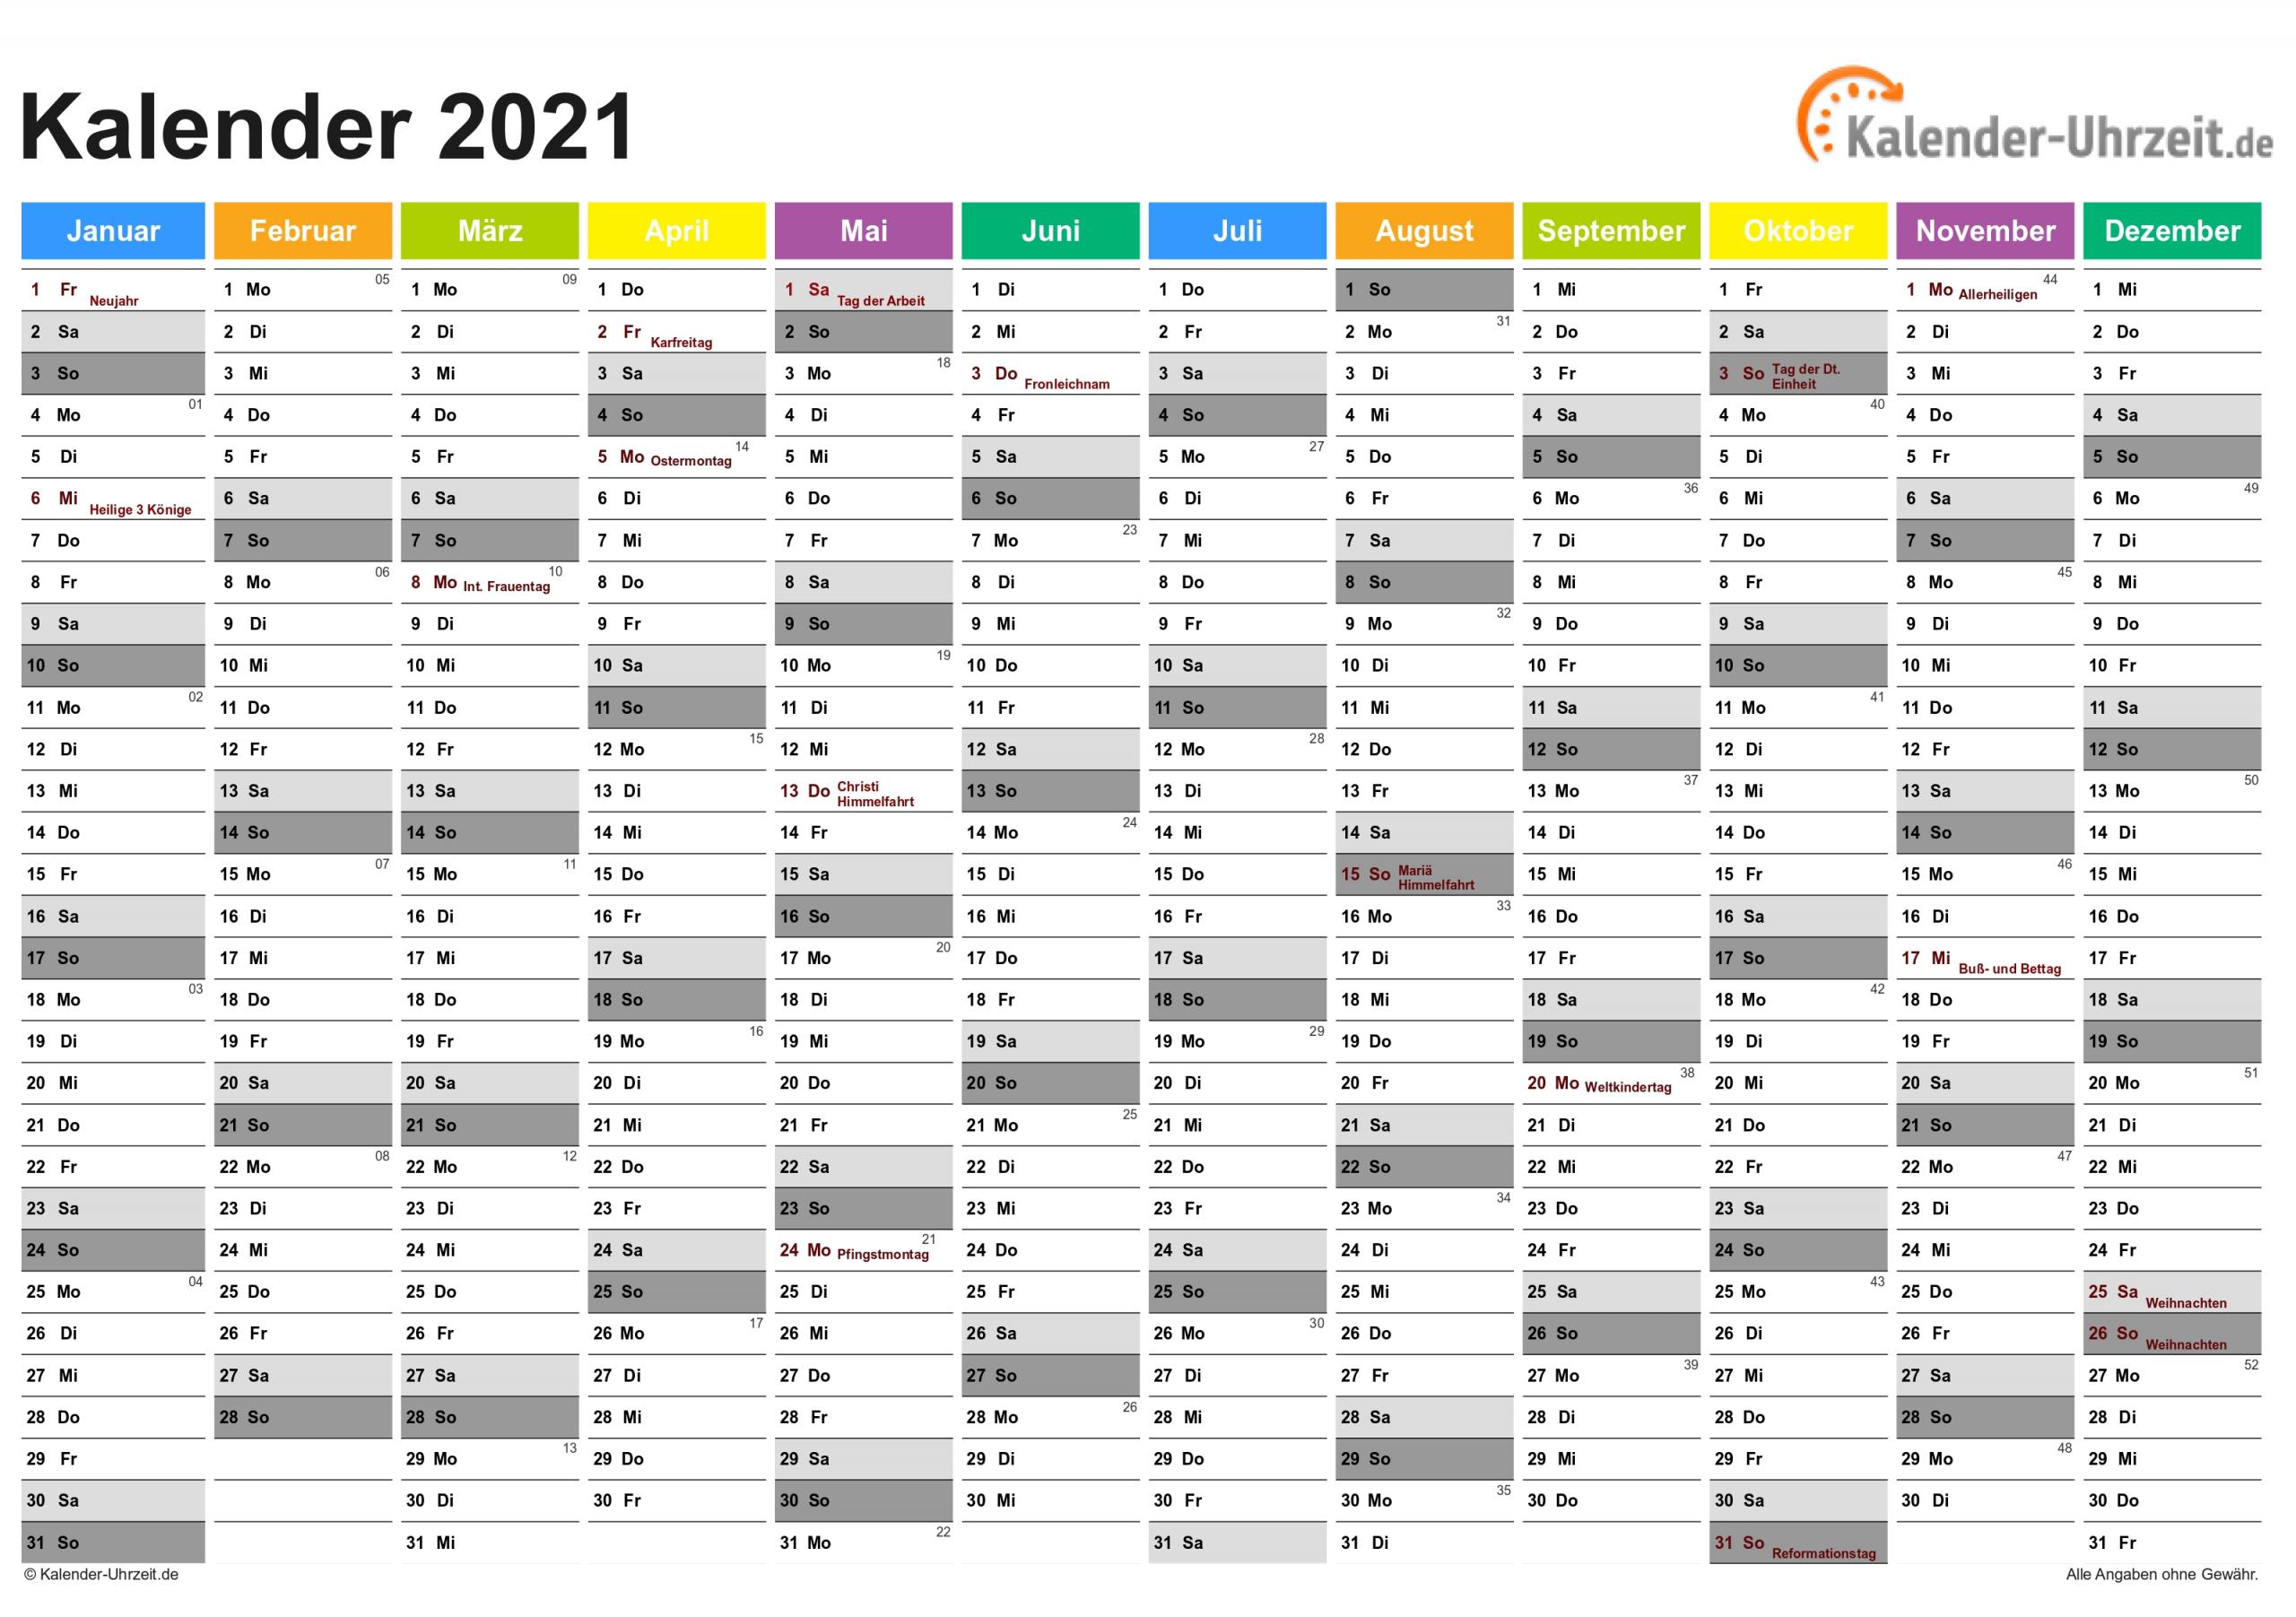 Get Terminkalender 2021 Zum Ausdrucken